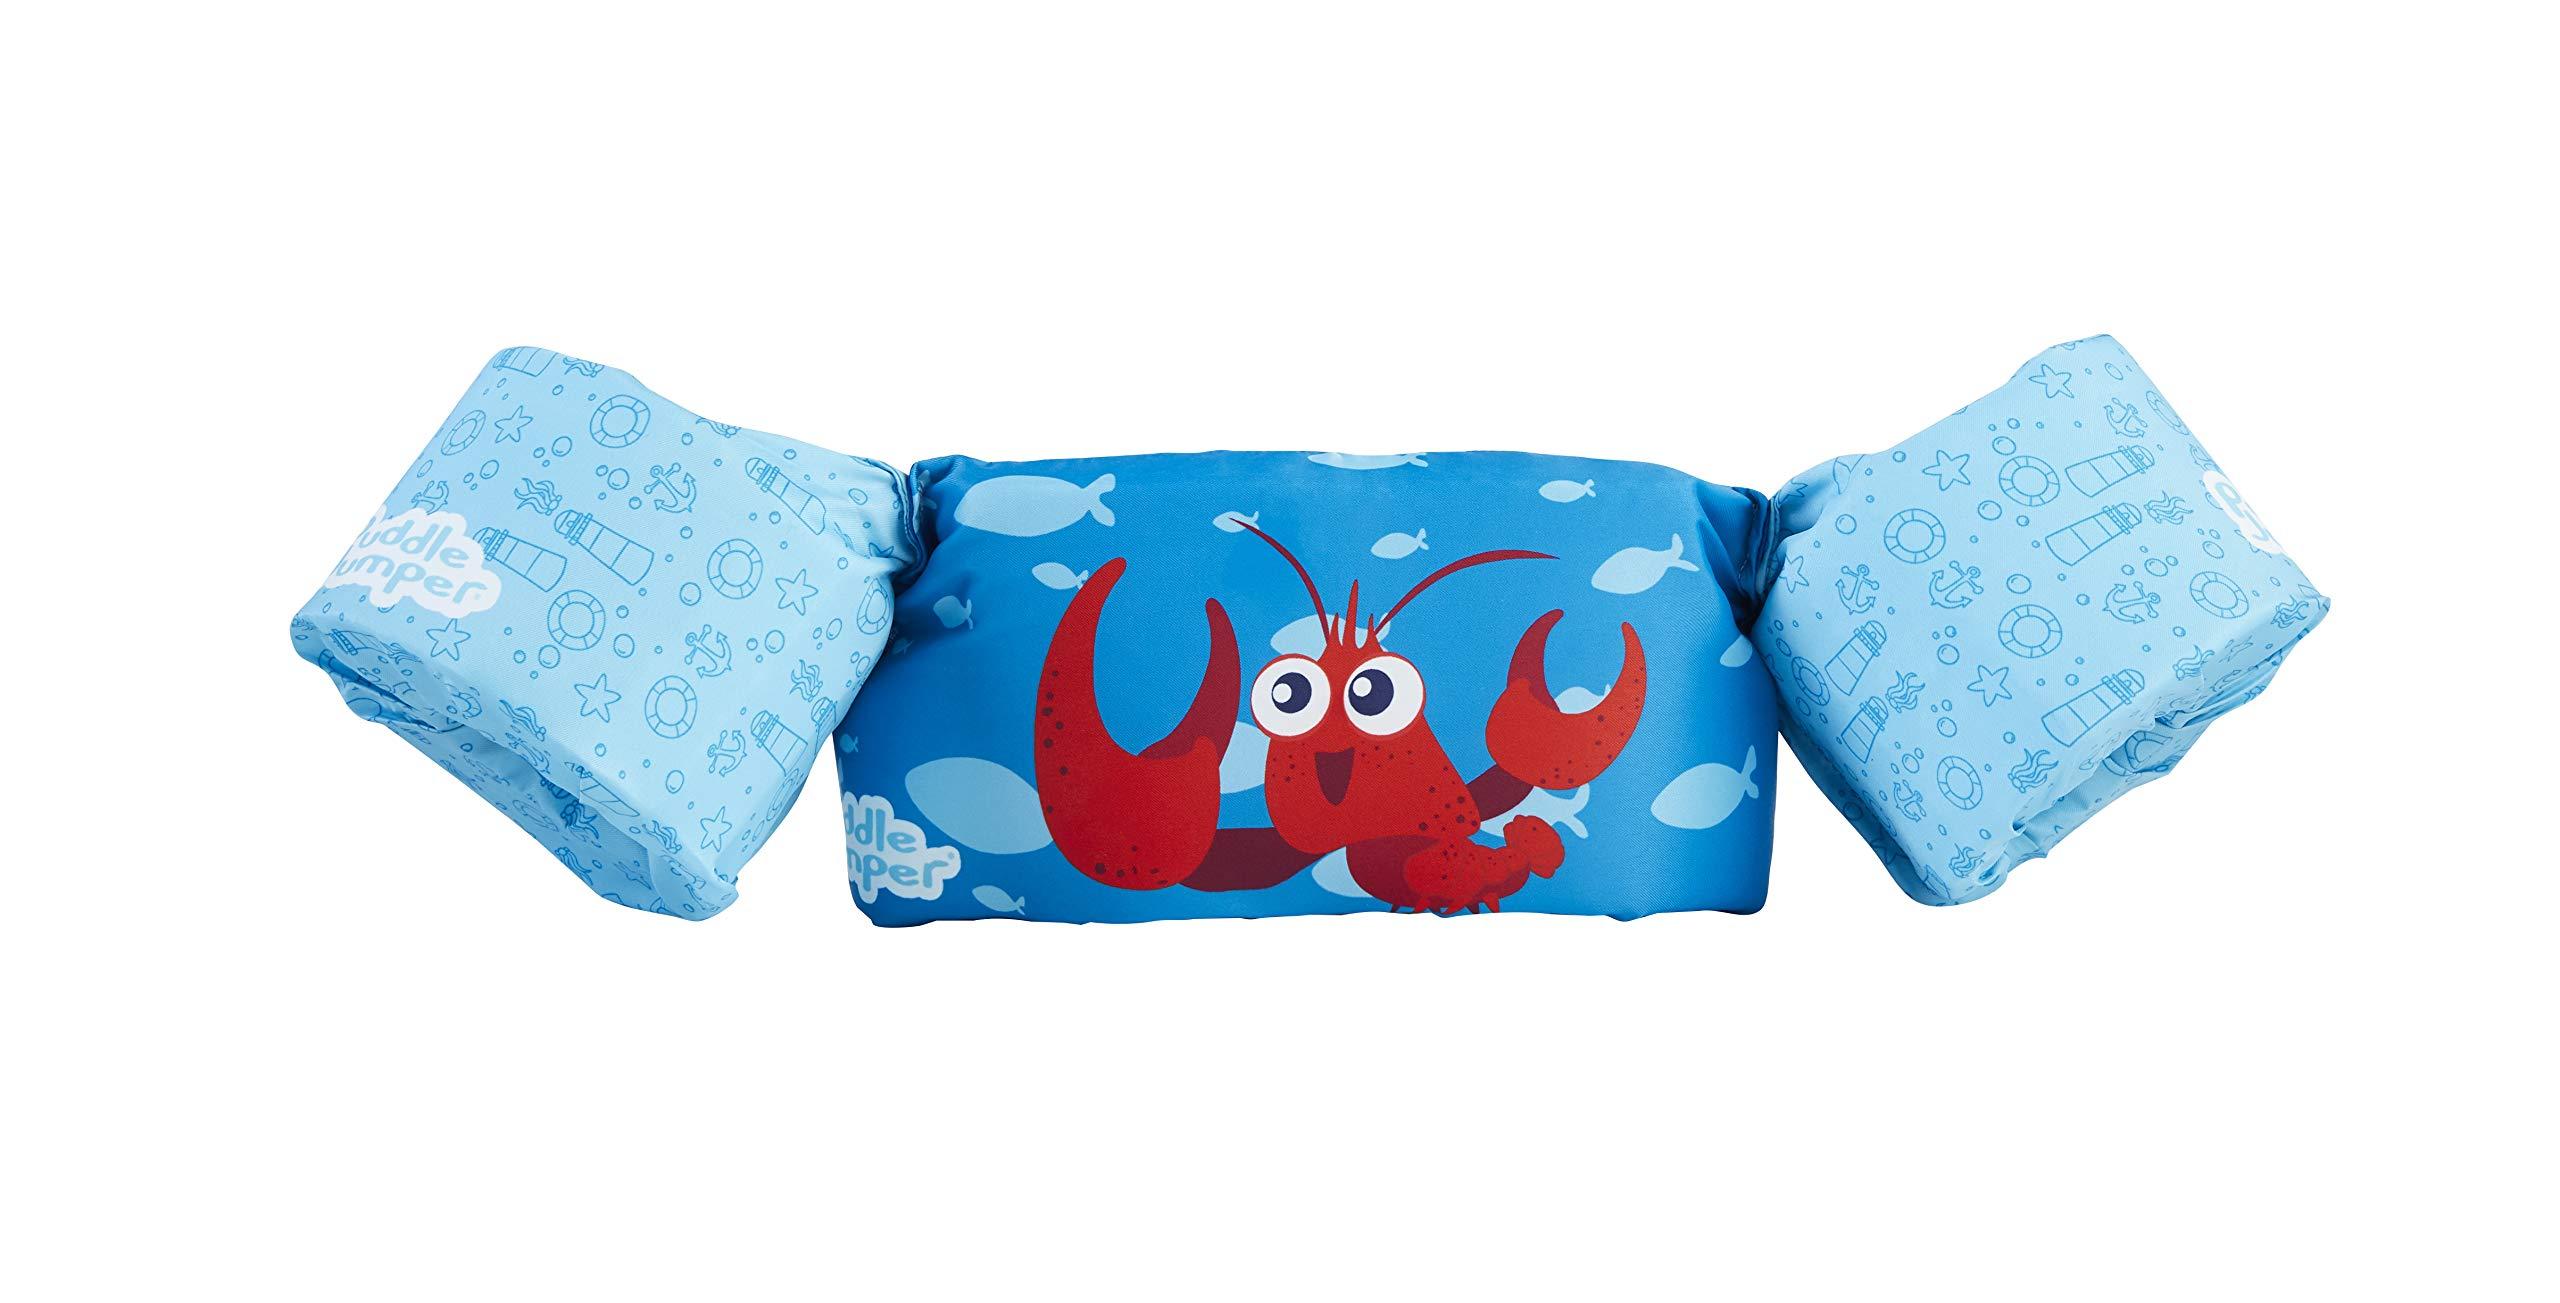 Stearns Puddle Jumper Kids Life Jacket | Life Vest for Children, Lobster, 30-50 Pounds